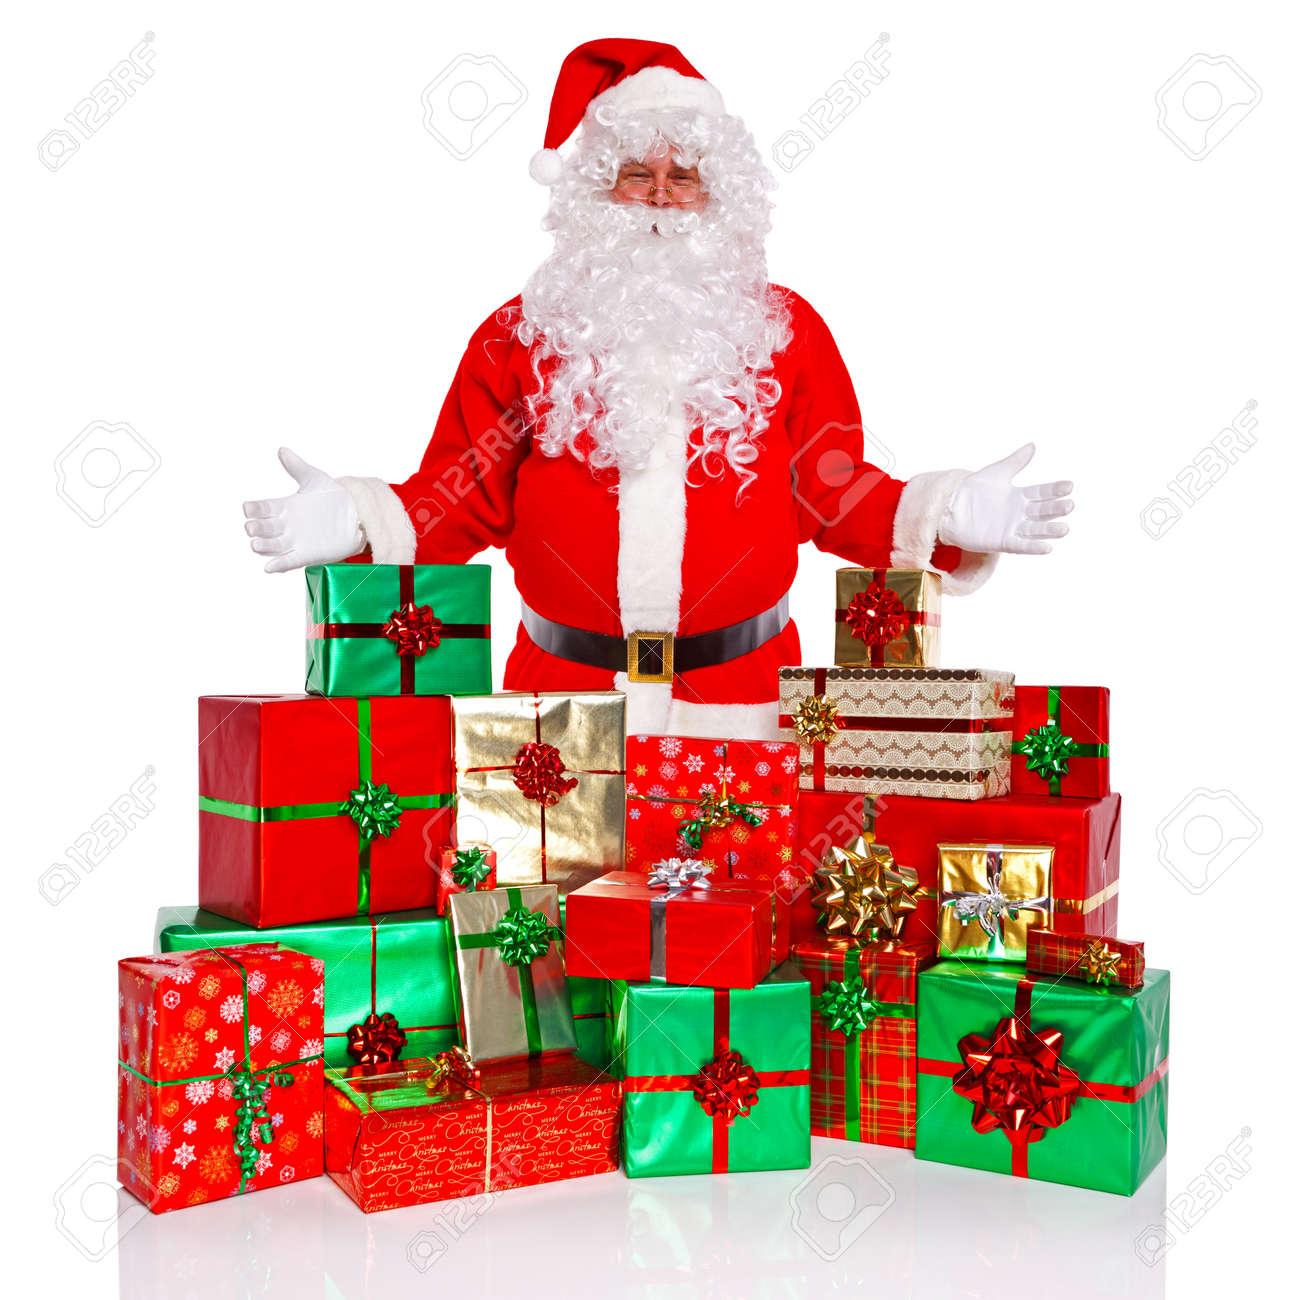 Sinterklaas Of Kerstman Staan Met Een Grote Collectie Cadeau Verpakt Cadeautjes Geïsoleerd Op Een Witte Achtergrond